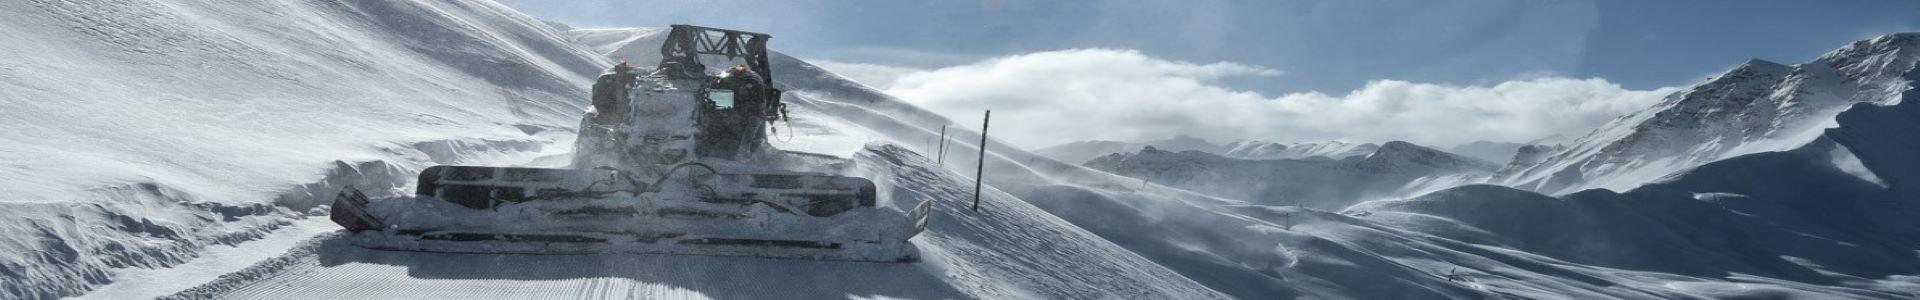 skietneige-2996